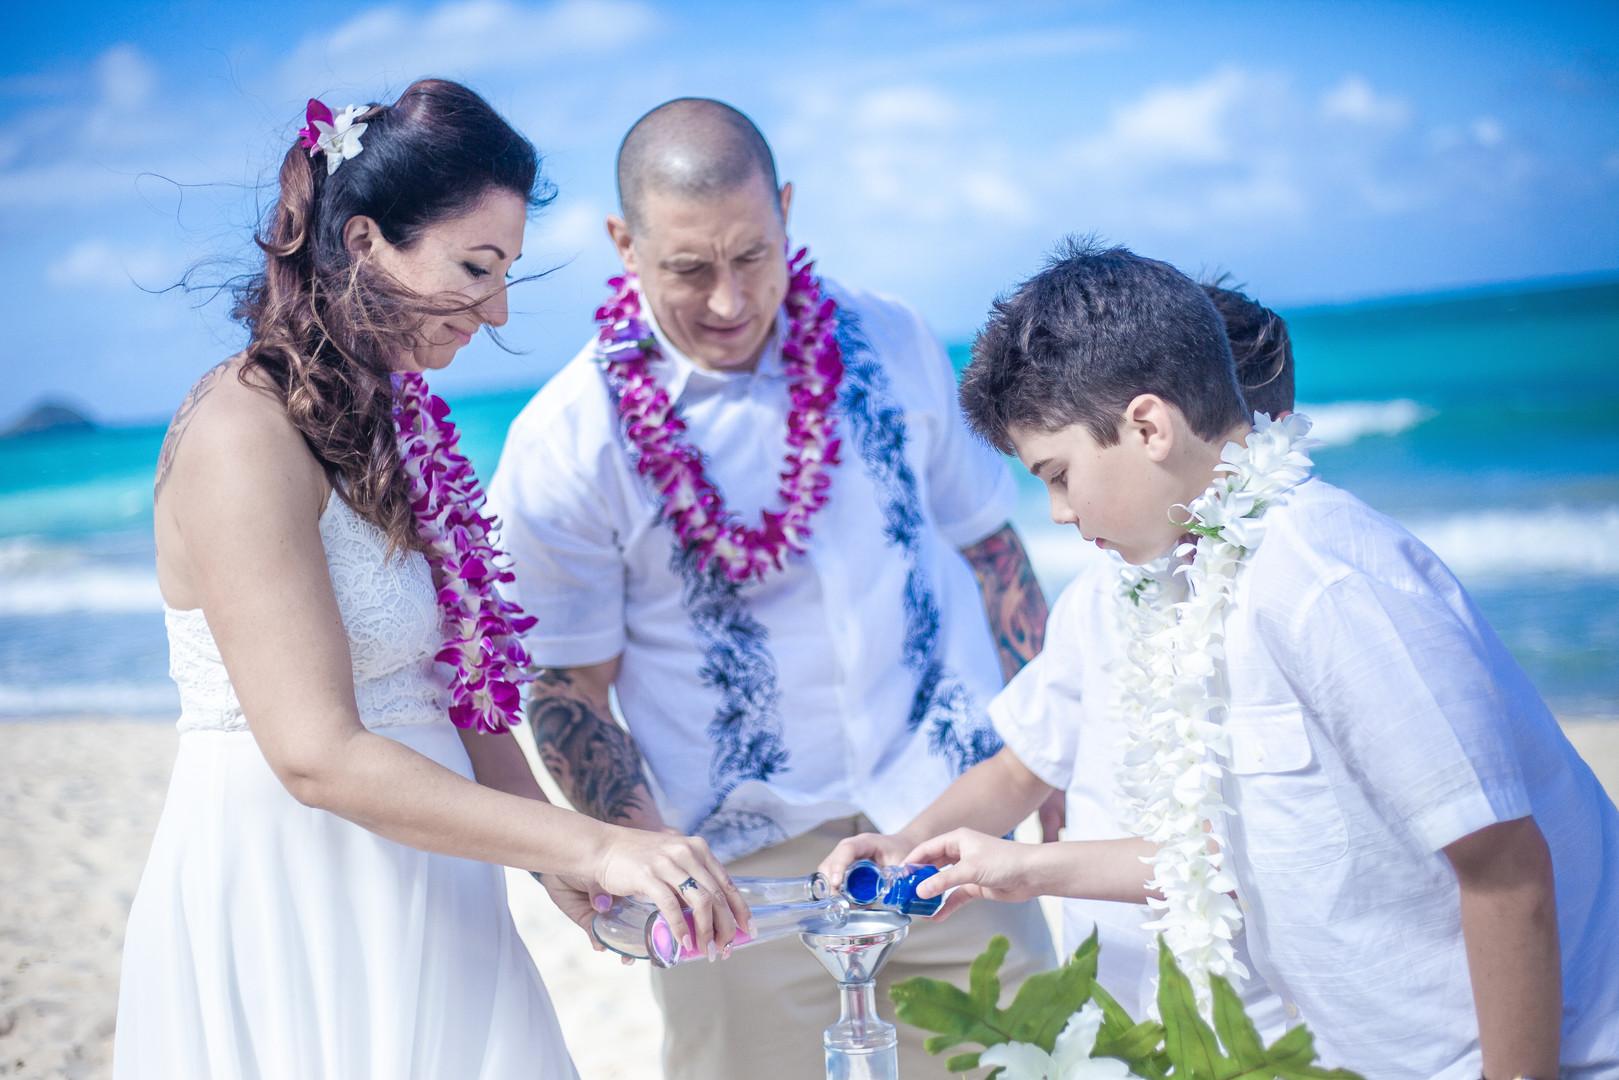 Wedding-photography-Hawaii-1-34.jpg